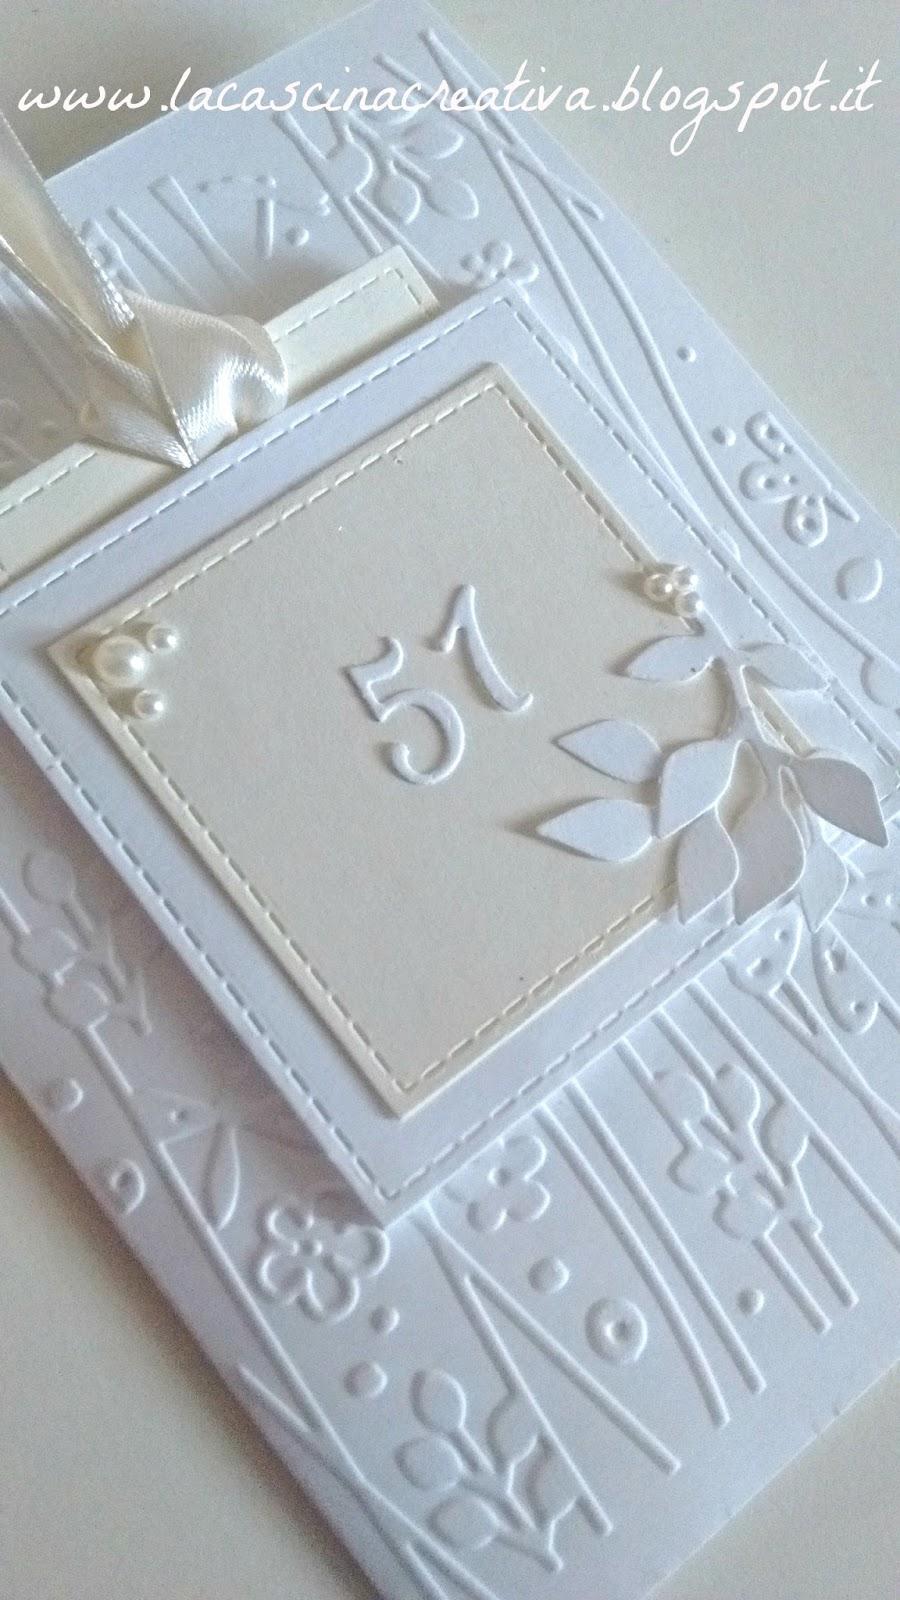 Anniversario Di Matrimonio 51 Anni.La Cascina Creativa Card Nozze D Oro Piu Uno